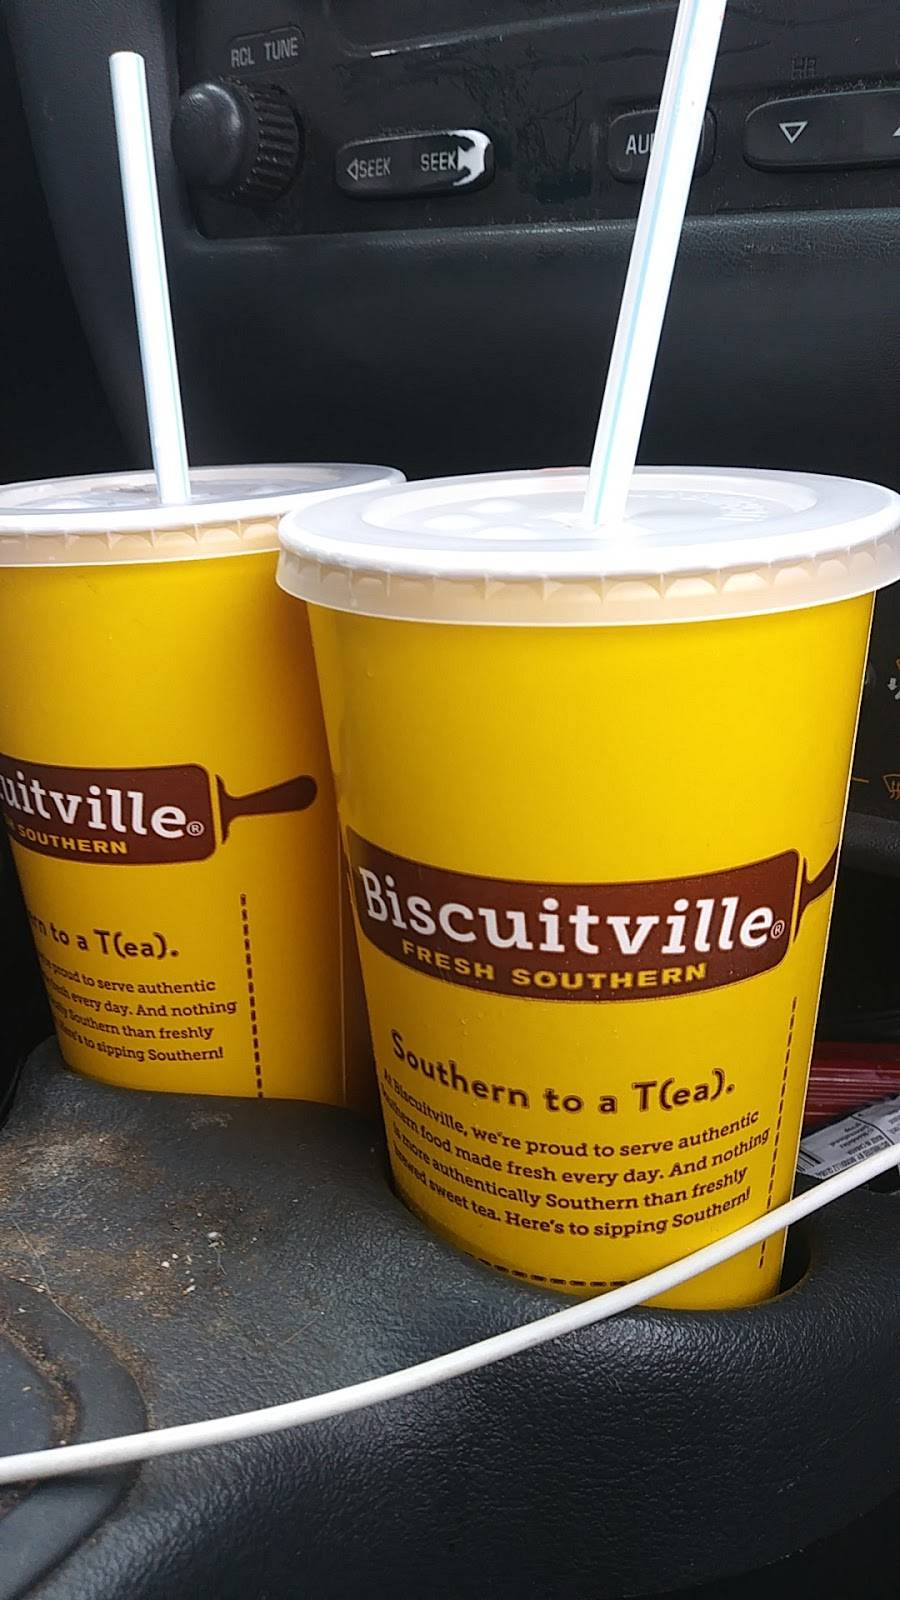 Biscuitville | cafe | 3648 Reynolda Rd #162, Winston-Salem, NC 27106, USA | 3369240049 OR +1 336-924-0049